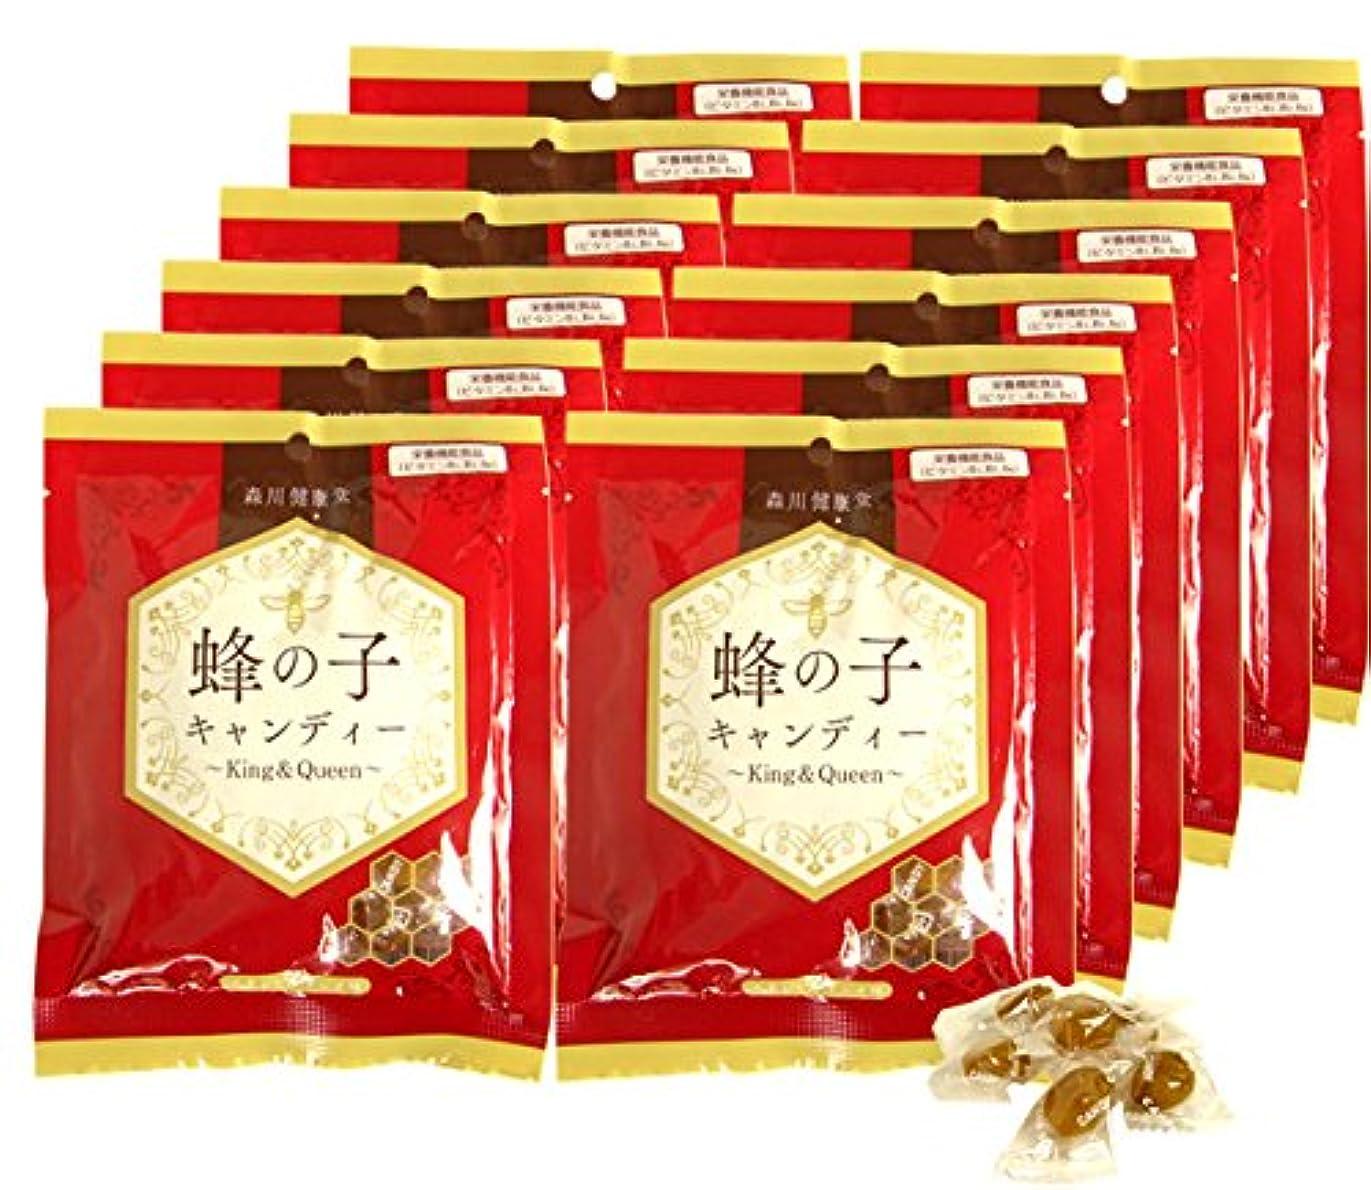 ゴールド間違いなく申込み森川健康堂 蜂の子キャンディー 70g (70g×12個)